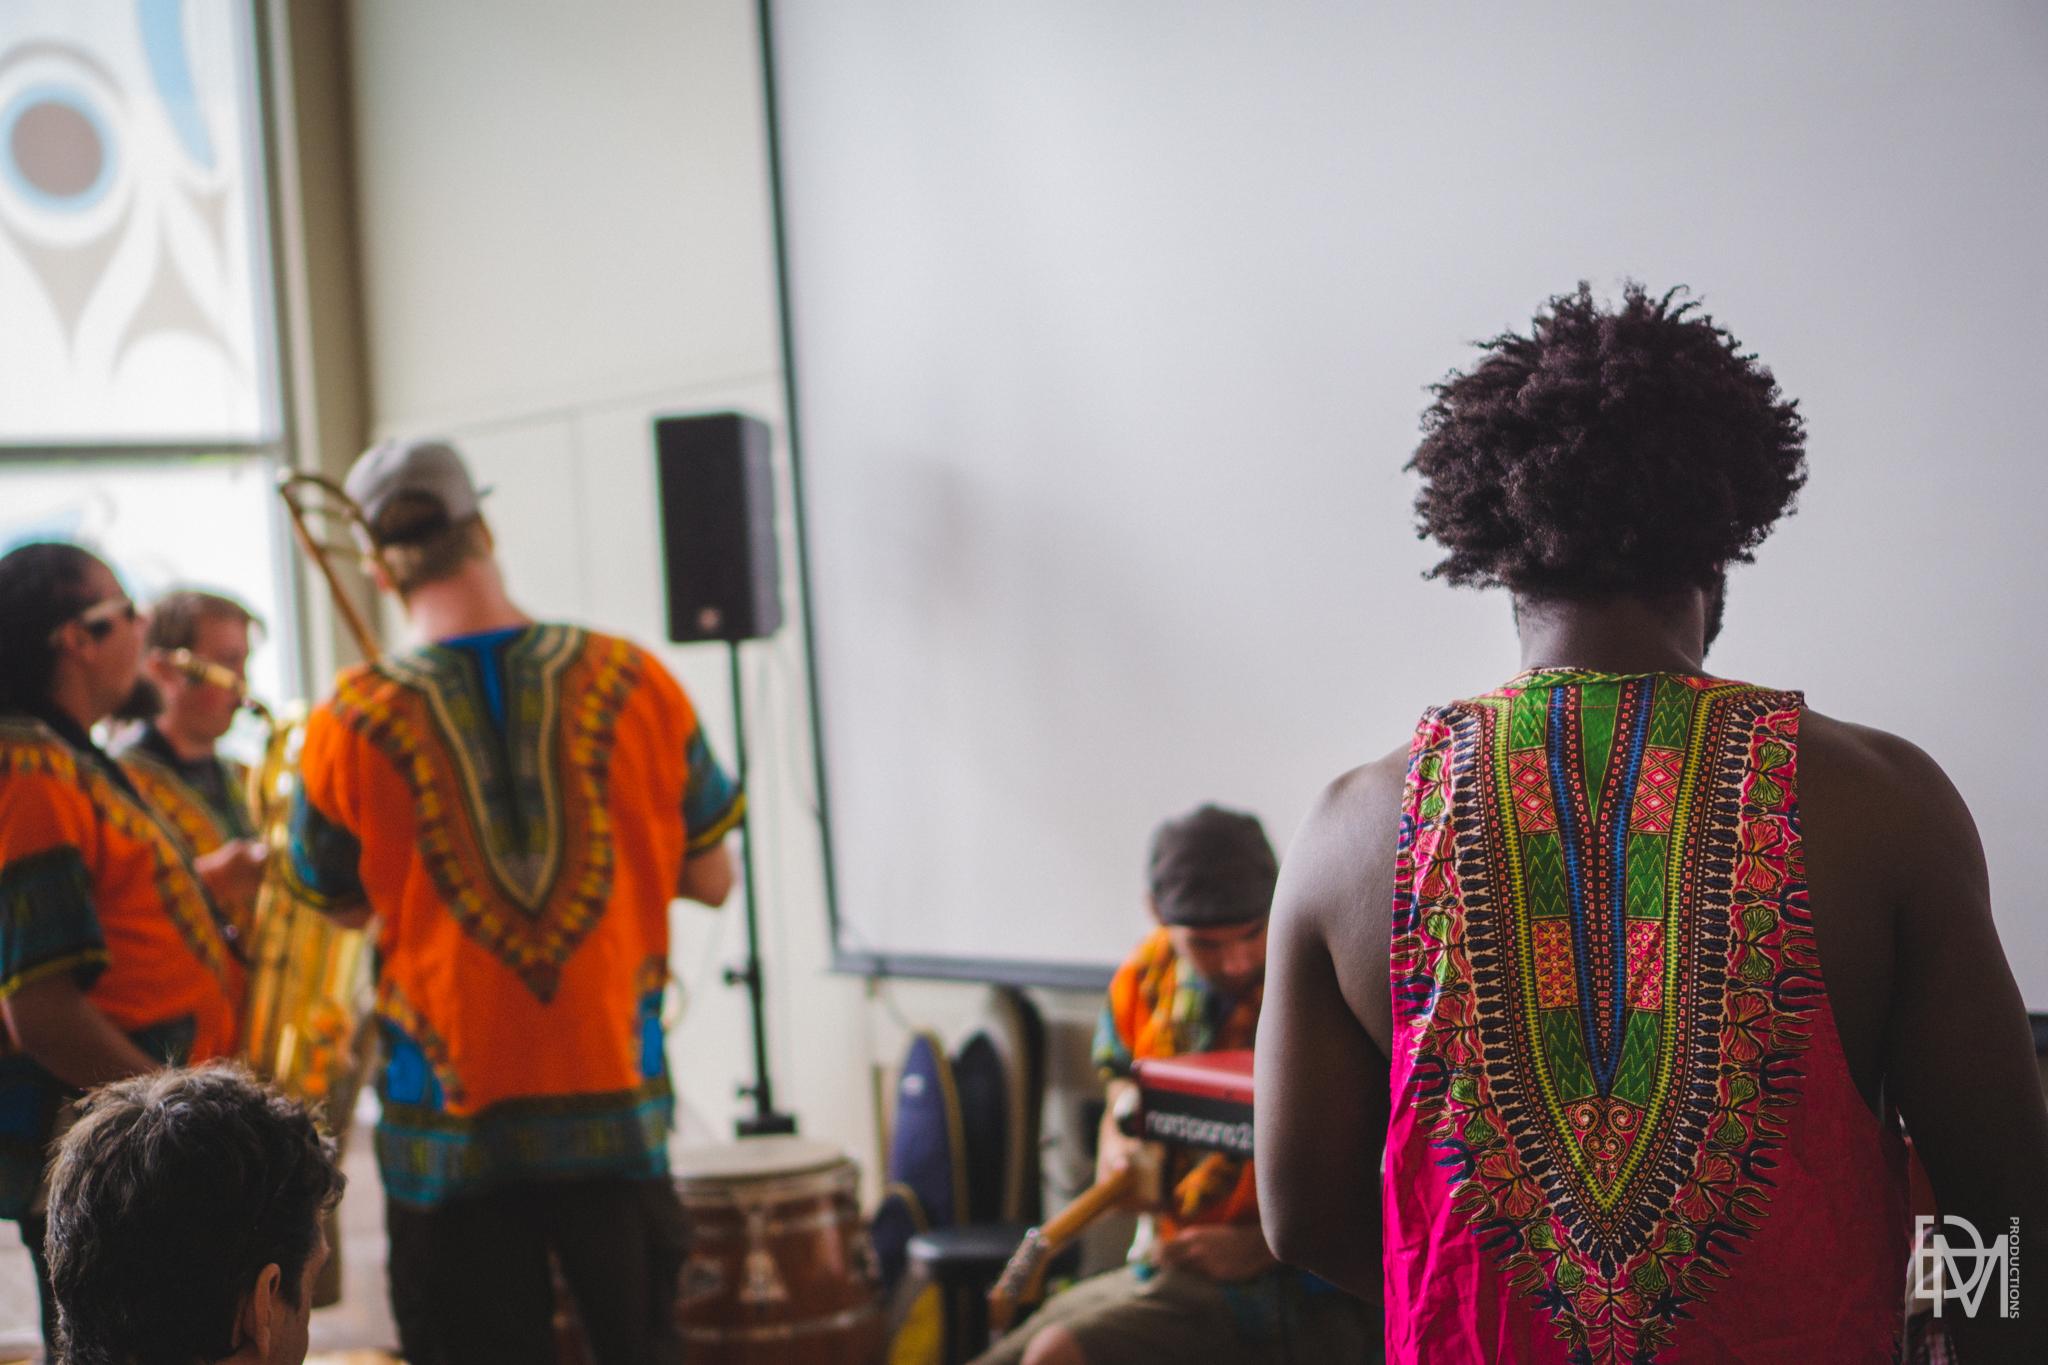 Kara Kata Afro beat group performing